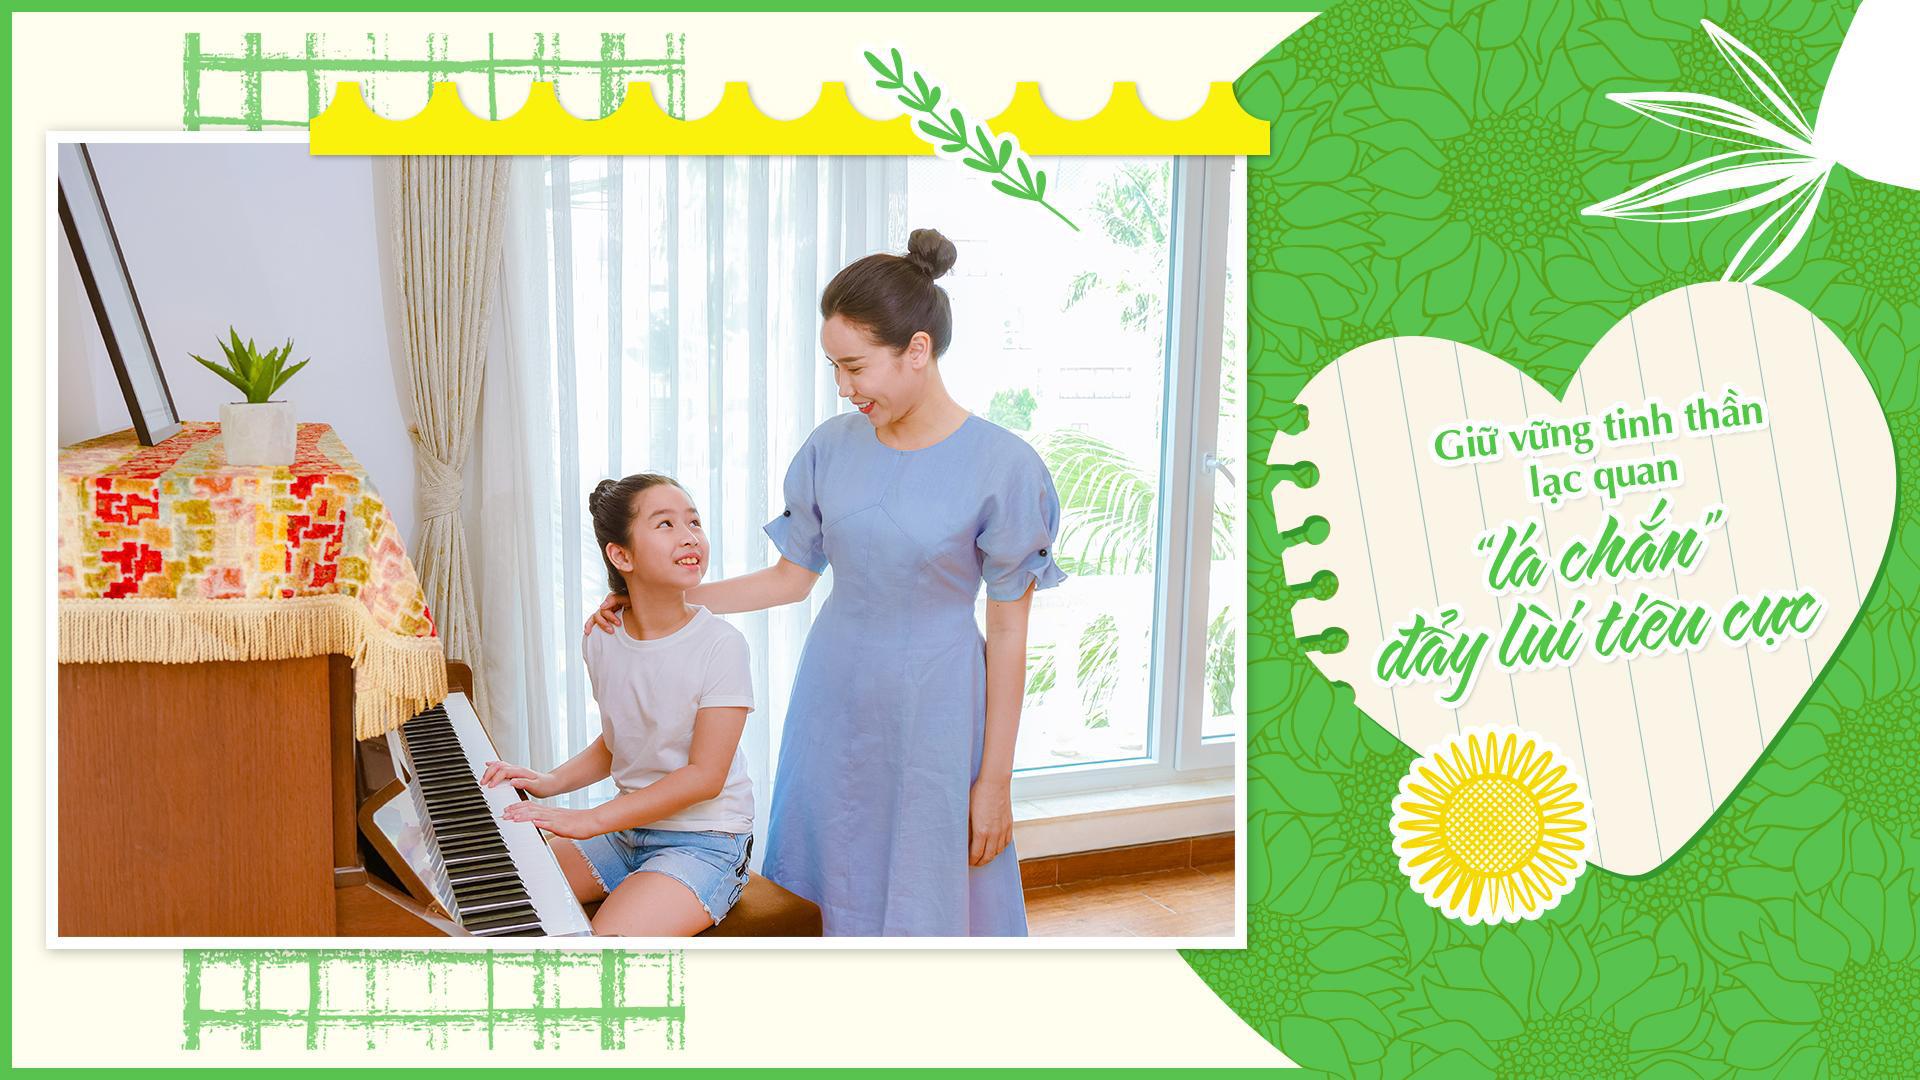 Theo chân Lưu Hương Giang khám phá góc đề kháng home-made để tăng cường sức khỏe cho cả gia đình - Ảnh 2.